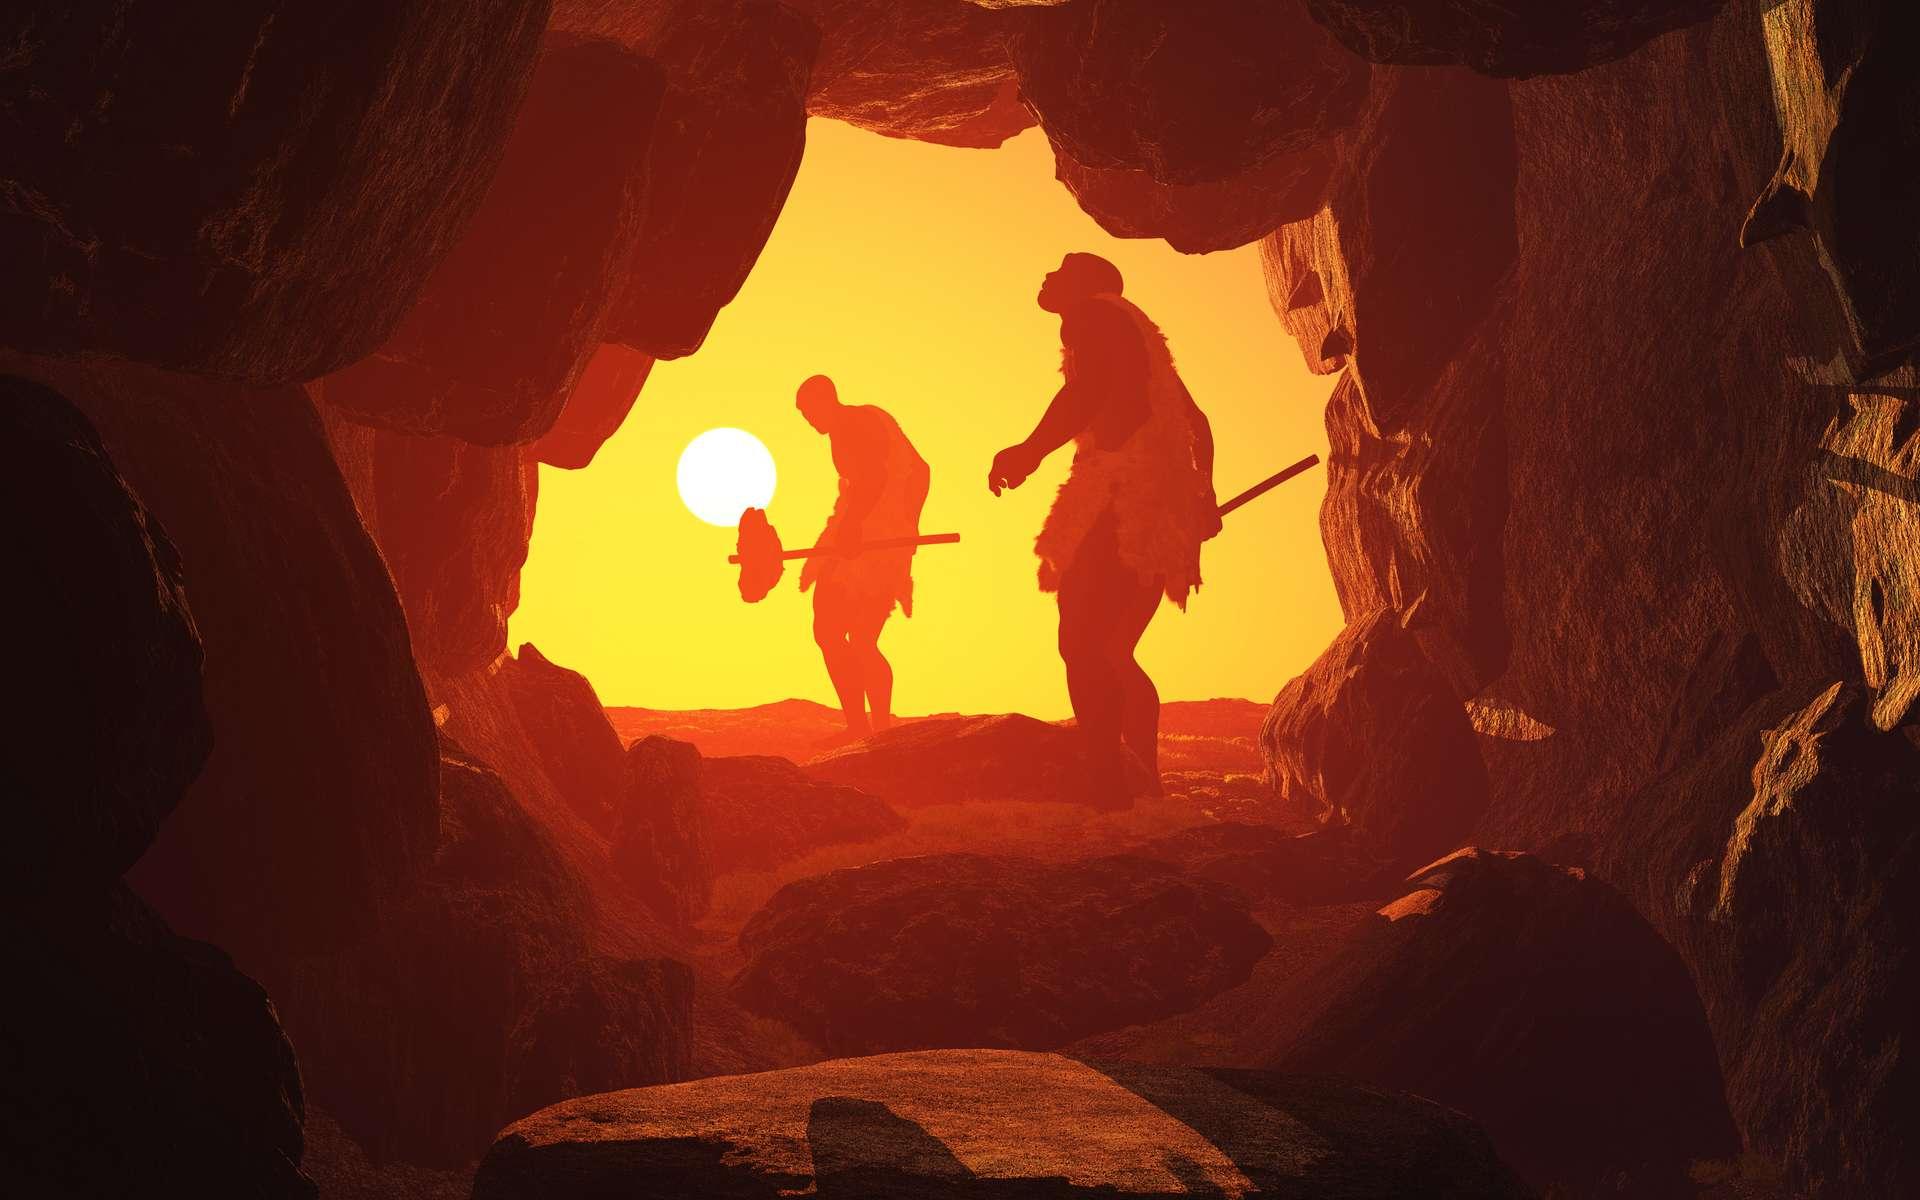 Illustration de deux Hommes préhistoriques dans une grotte. © Kovalenko I, Adobe Stock